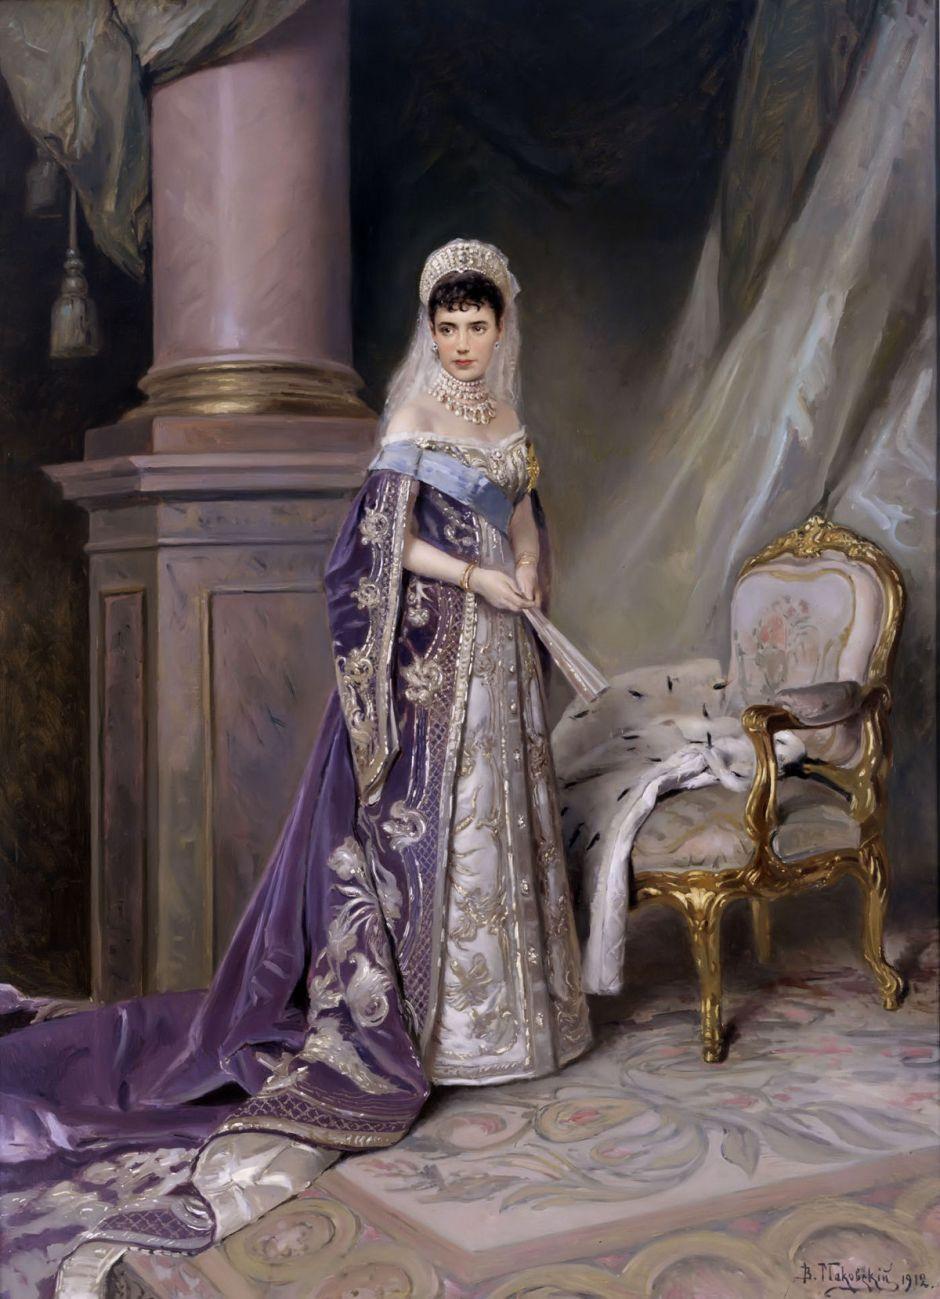 1200px-Maria_Fedorovna_by_V.Makovskiy_(1912,_Russian_museum)